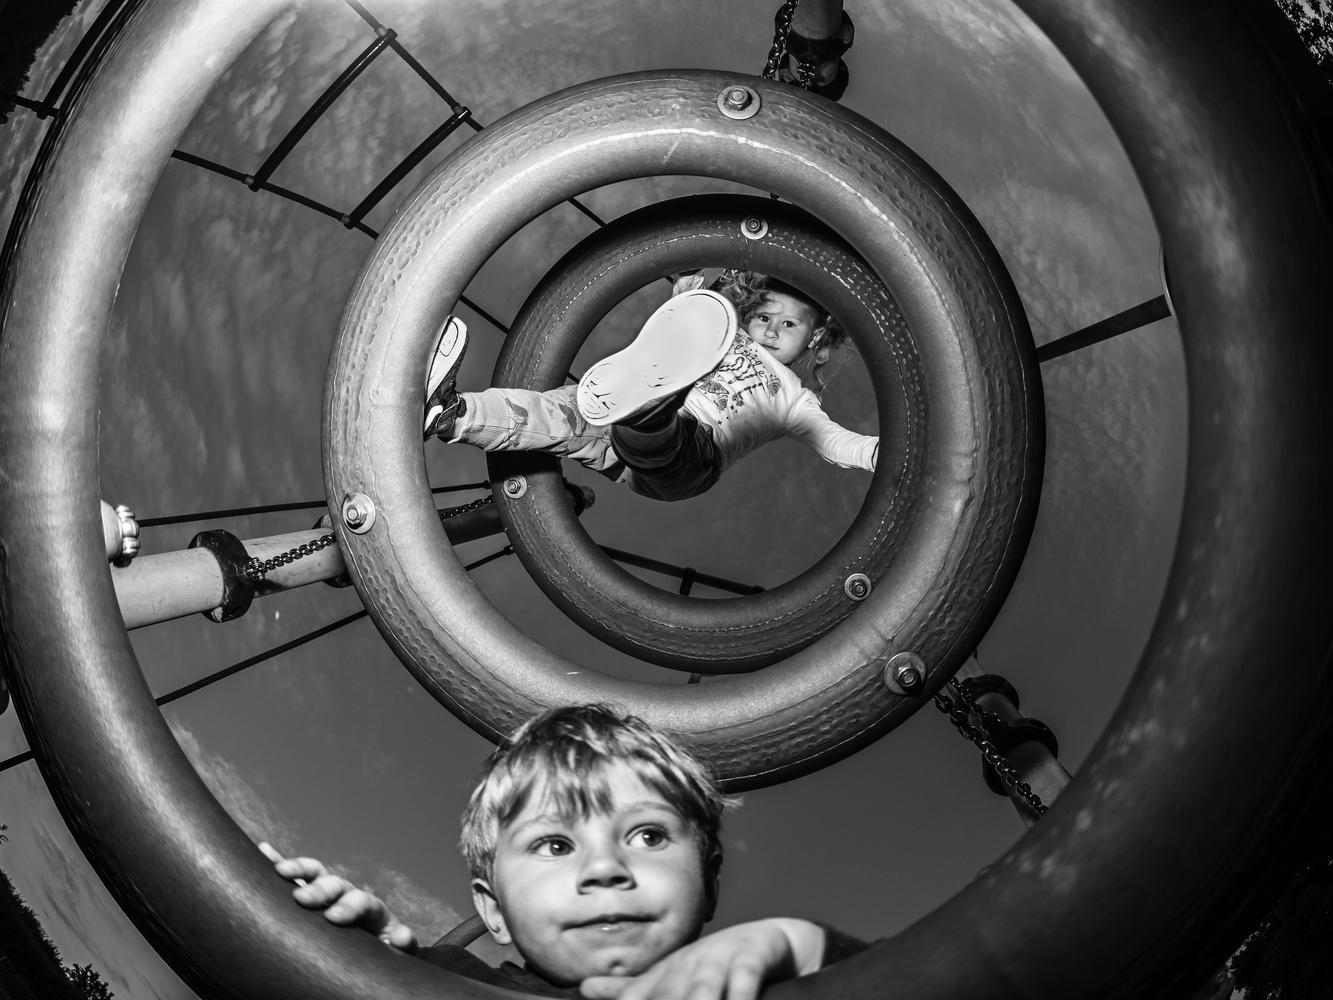 Playground by Tomasz Kowalski